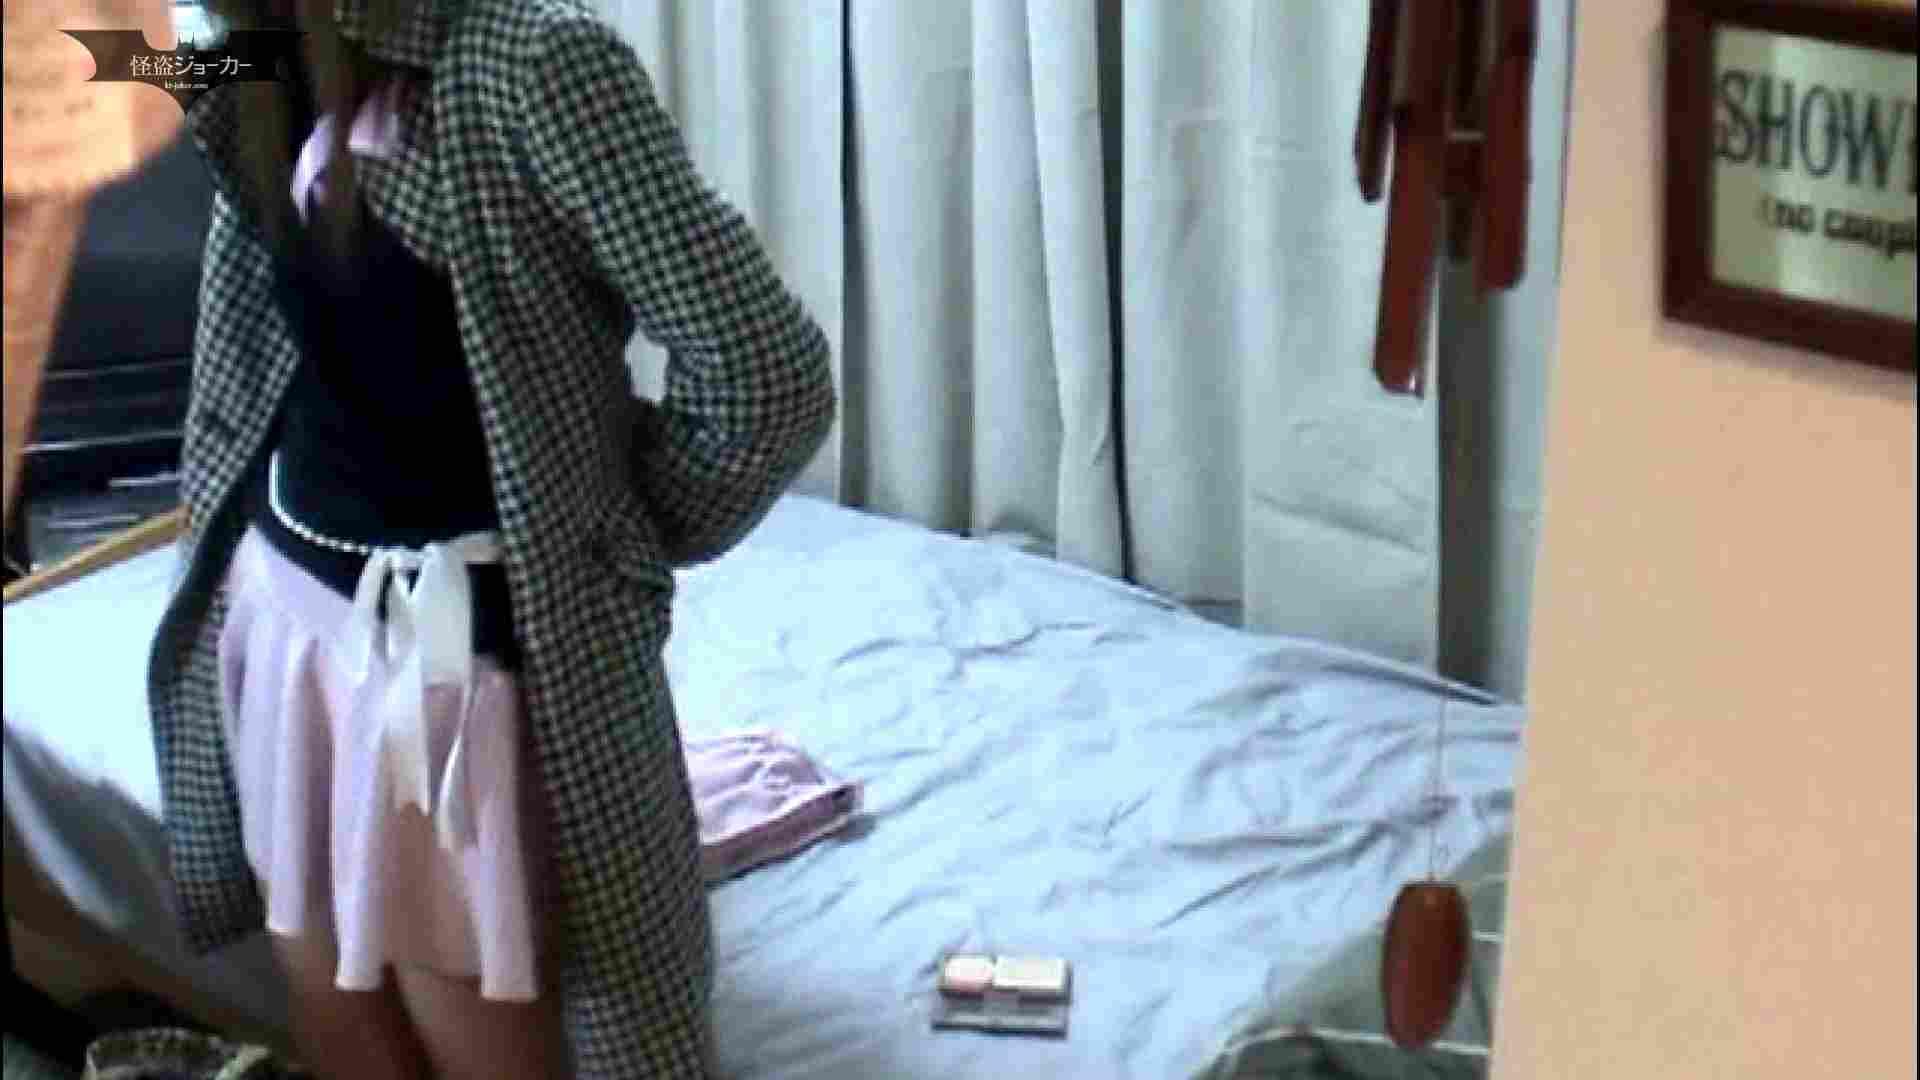 素人女良を部屋に連れ込み隠し撮りSEX!! その③ 美白女良さやか 素人  59PIX 12